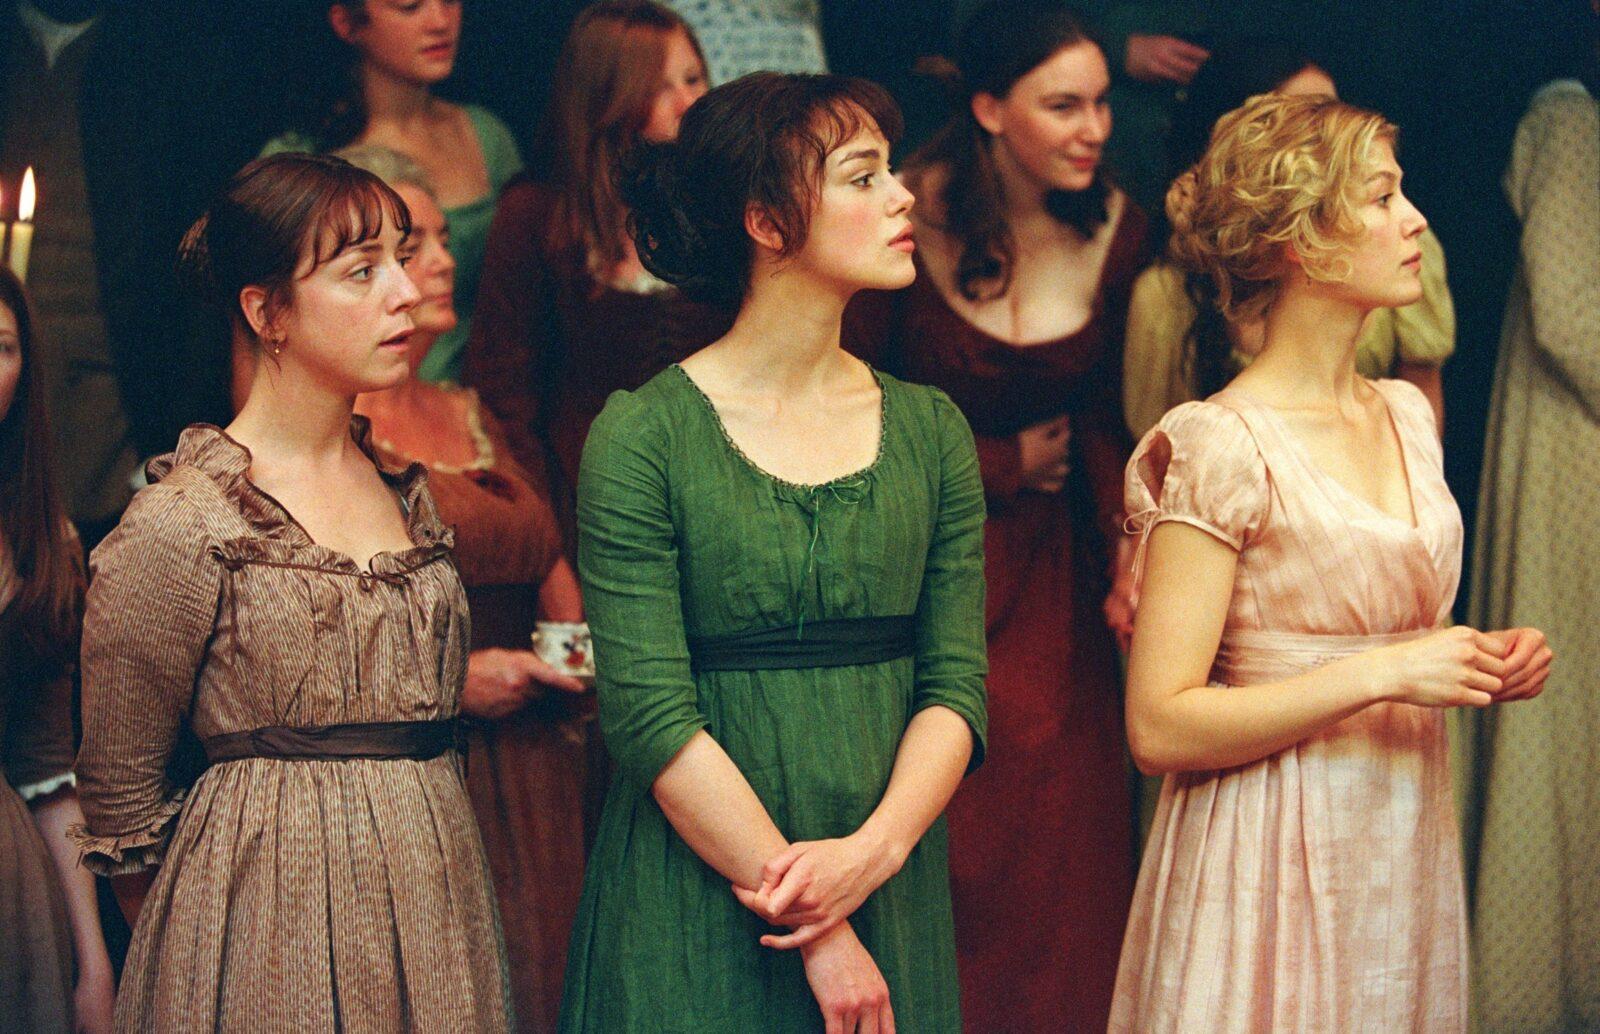 Jena Malone, Keira Knightley and Rosamond Pike in Pride & Prejudice (StudioCanal, 2005)